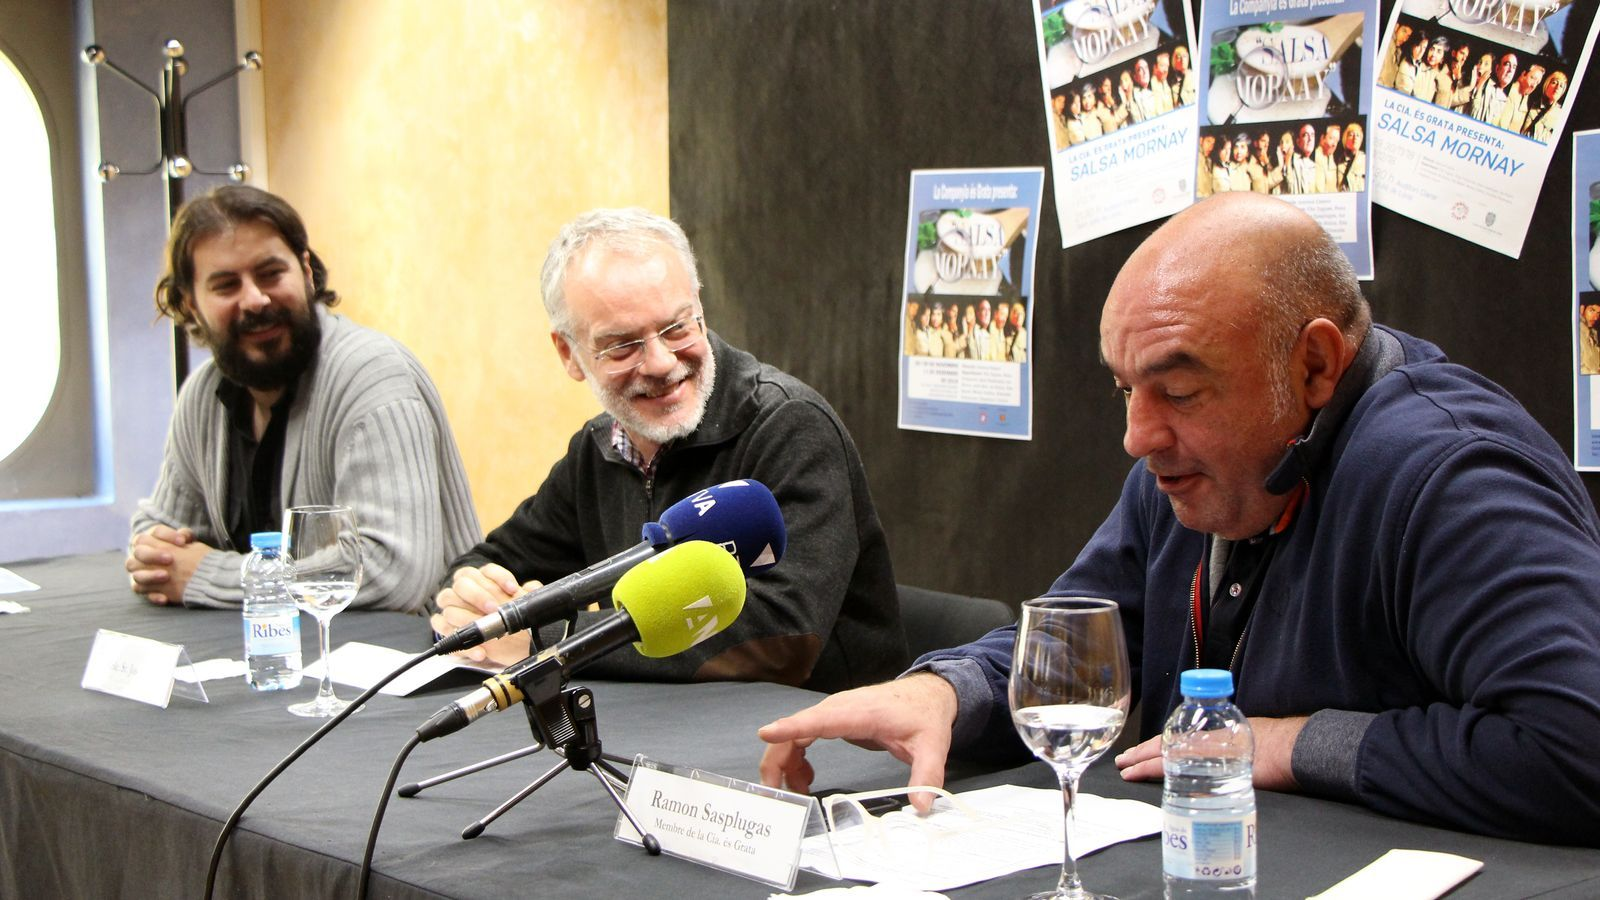 El director de 'Salsa Mornay', Juanma Casero, el conseller de Cultura del comú de Sant Julià, Josep Roig, i el membre de la Companyia és Grata, Ramon Sasplugas, presenten l'obra. / C. G. (ANA)